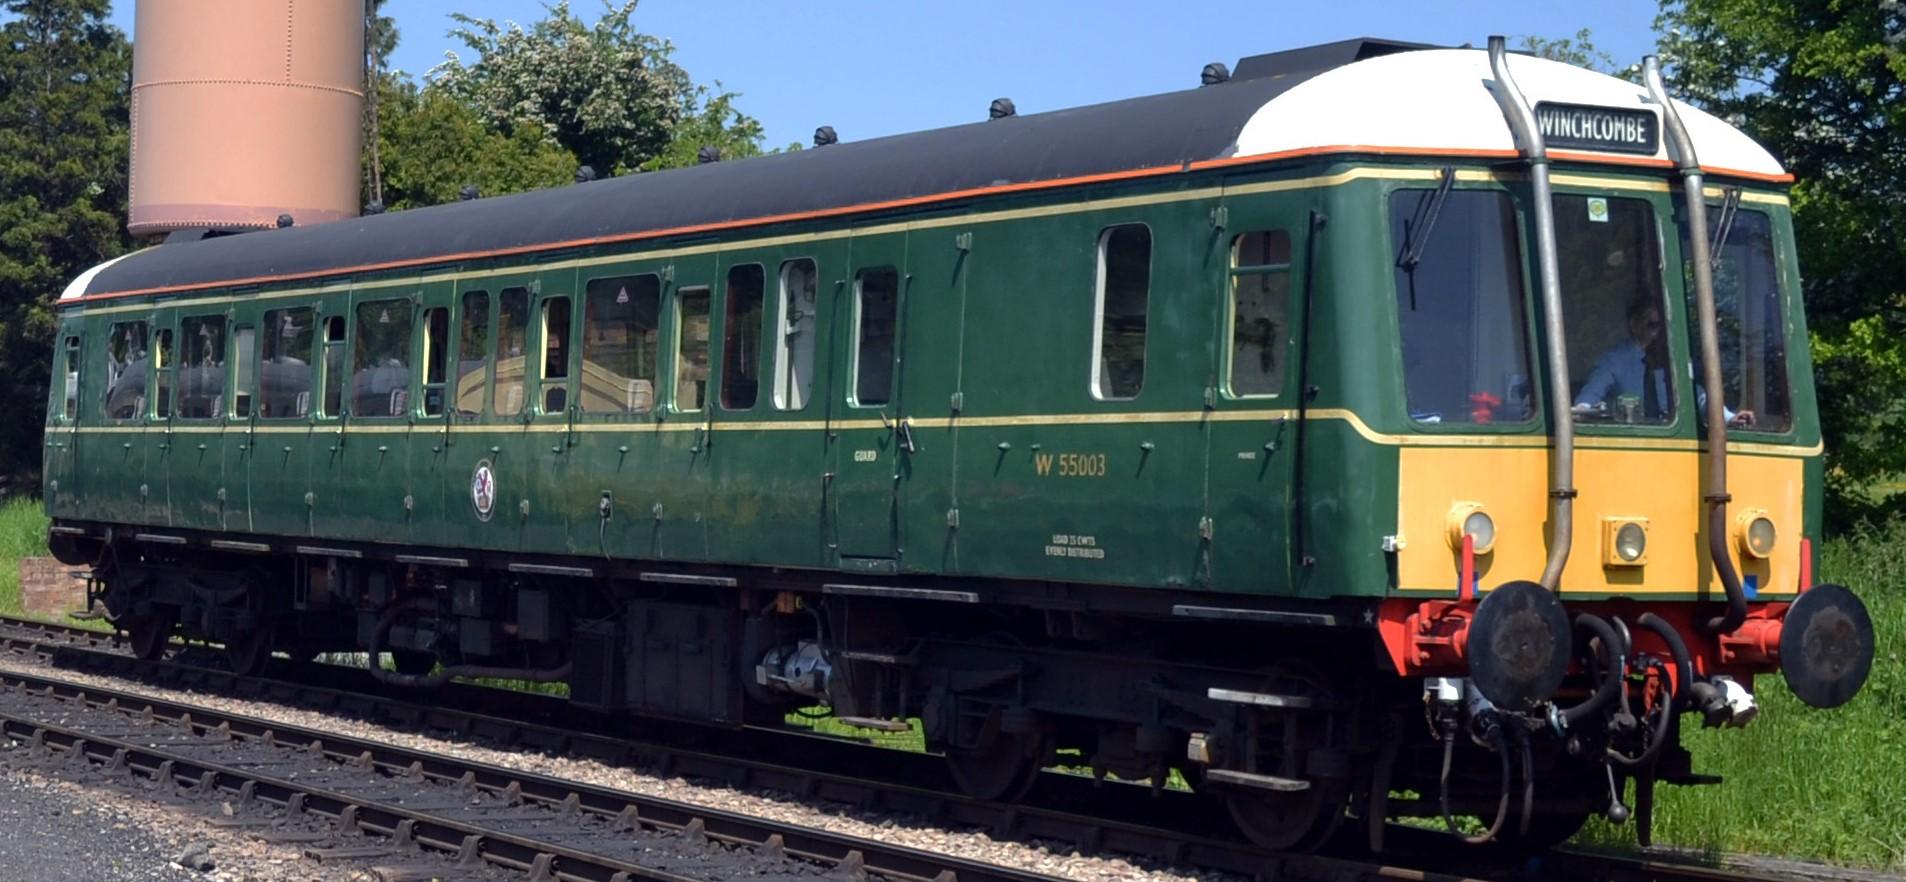 W55003 in preservation in June 2013. ©Jim